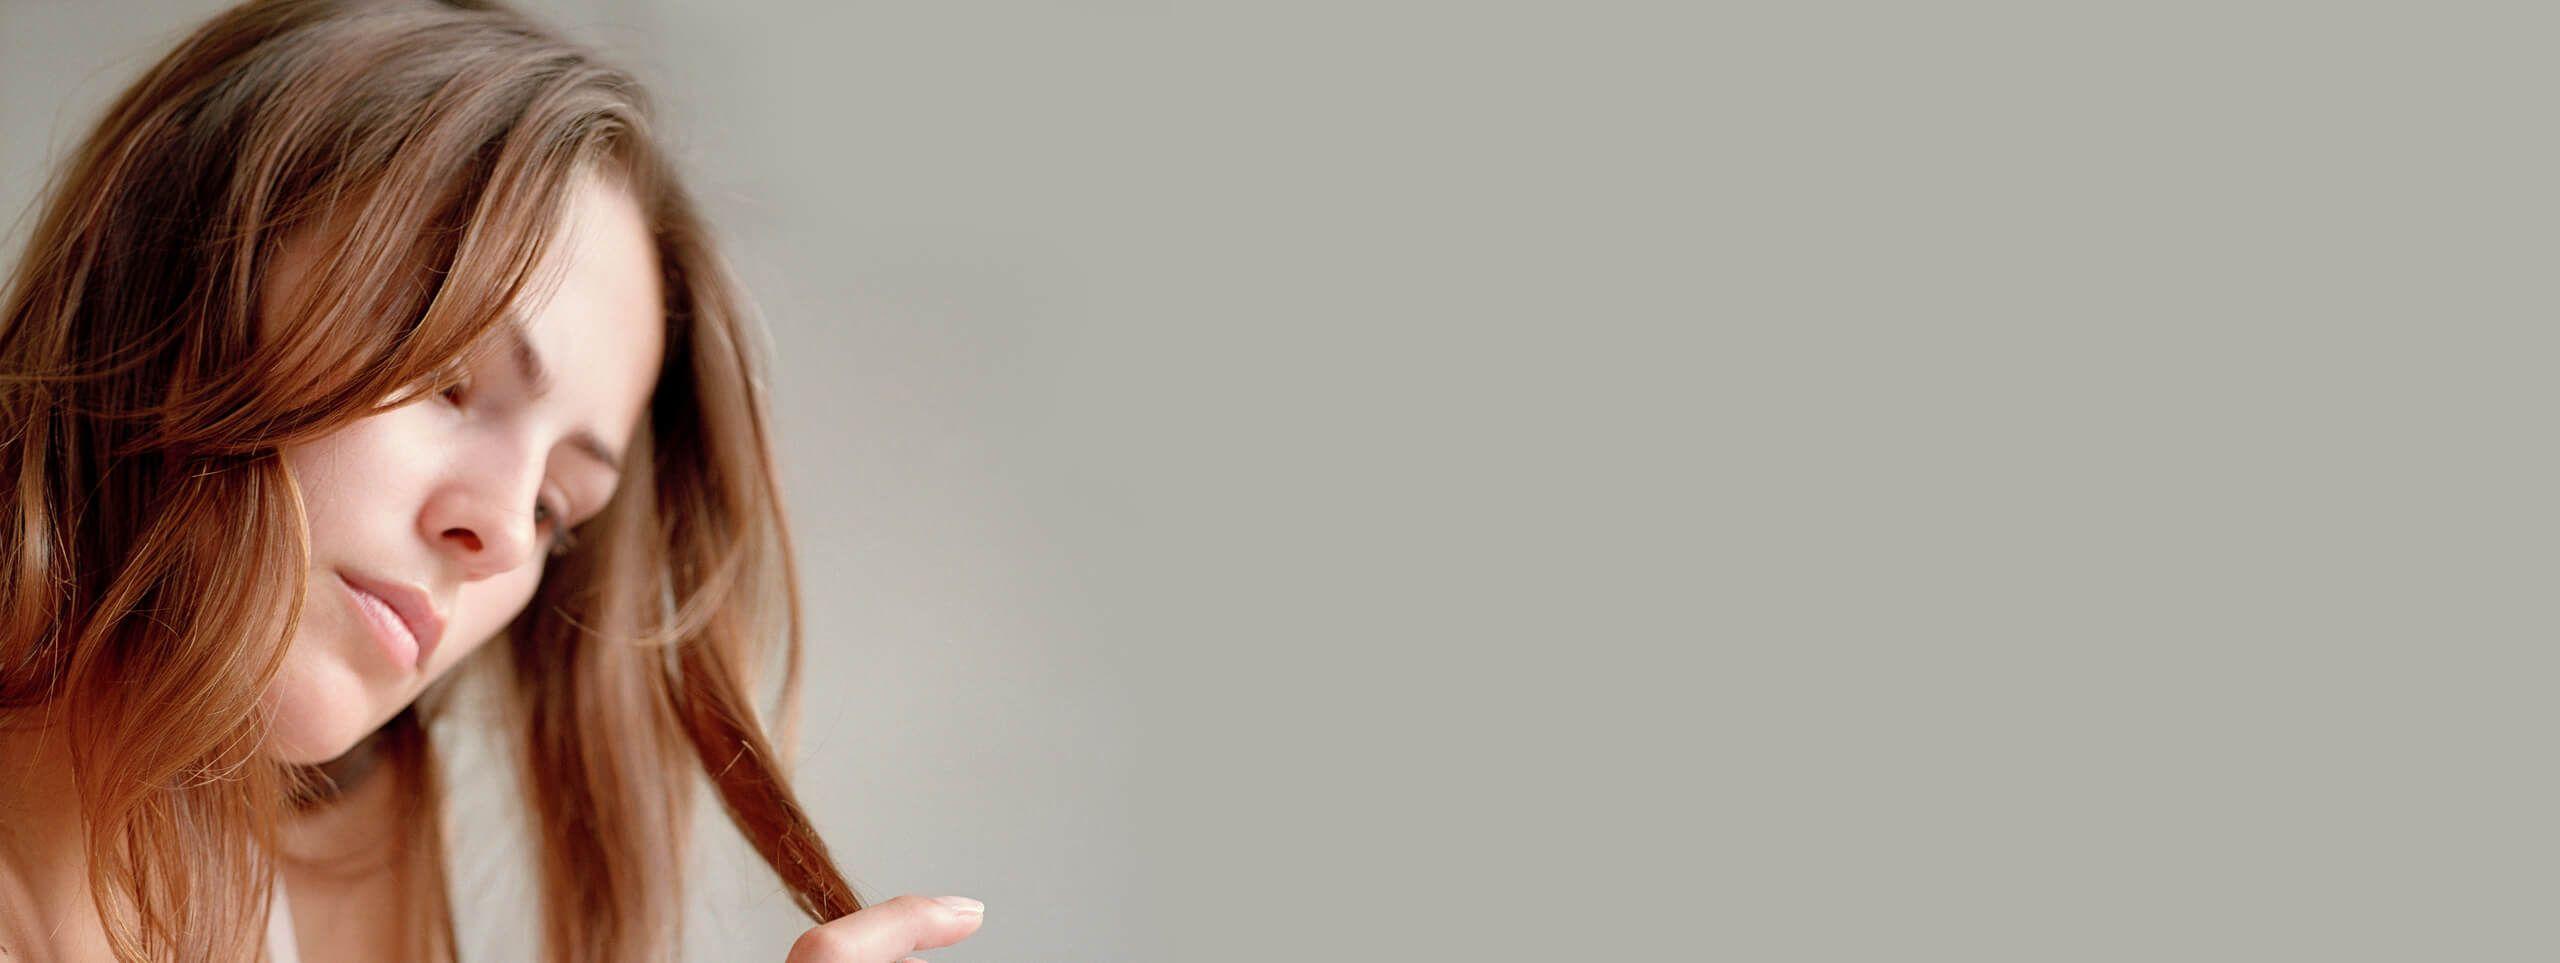 Zmartwiona kobieta trzymająca końce włosów